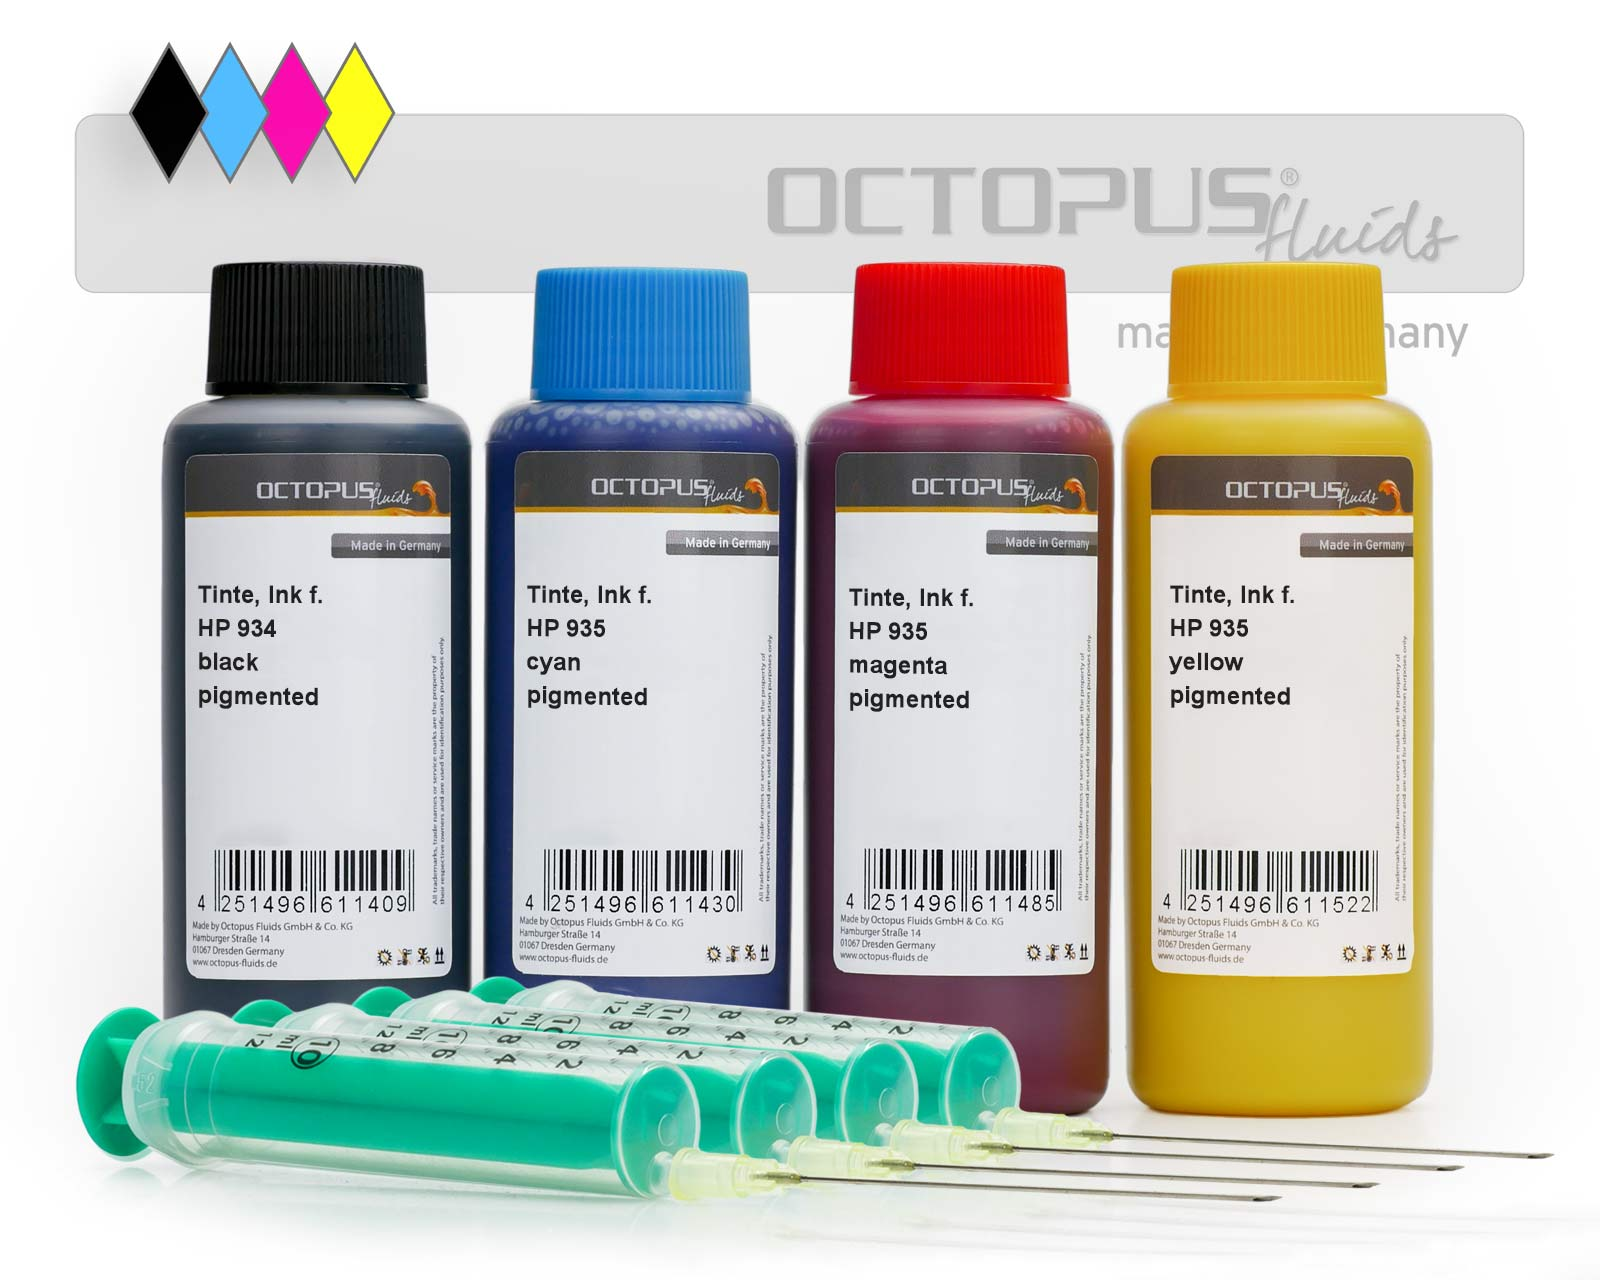 Kit con inchiostri di ricarica per cartucce HP 934, HP 935